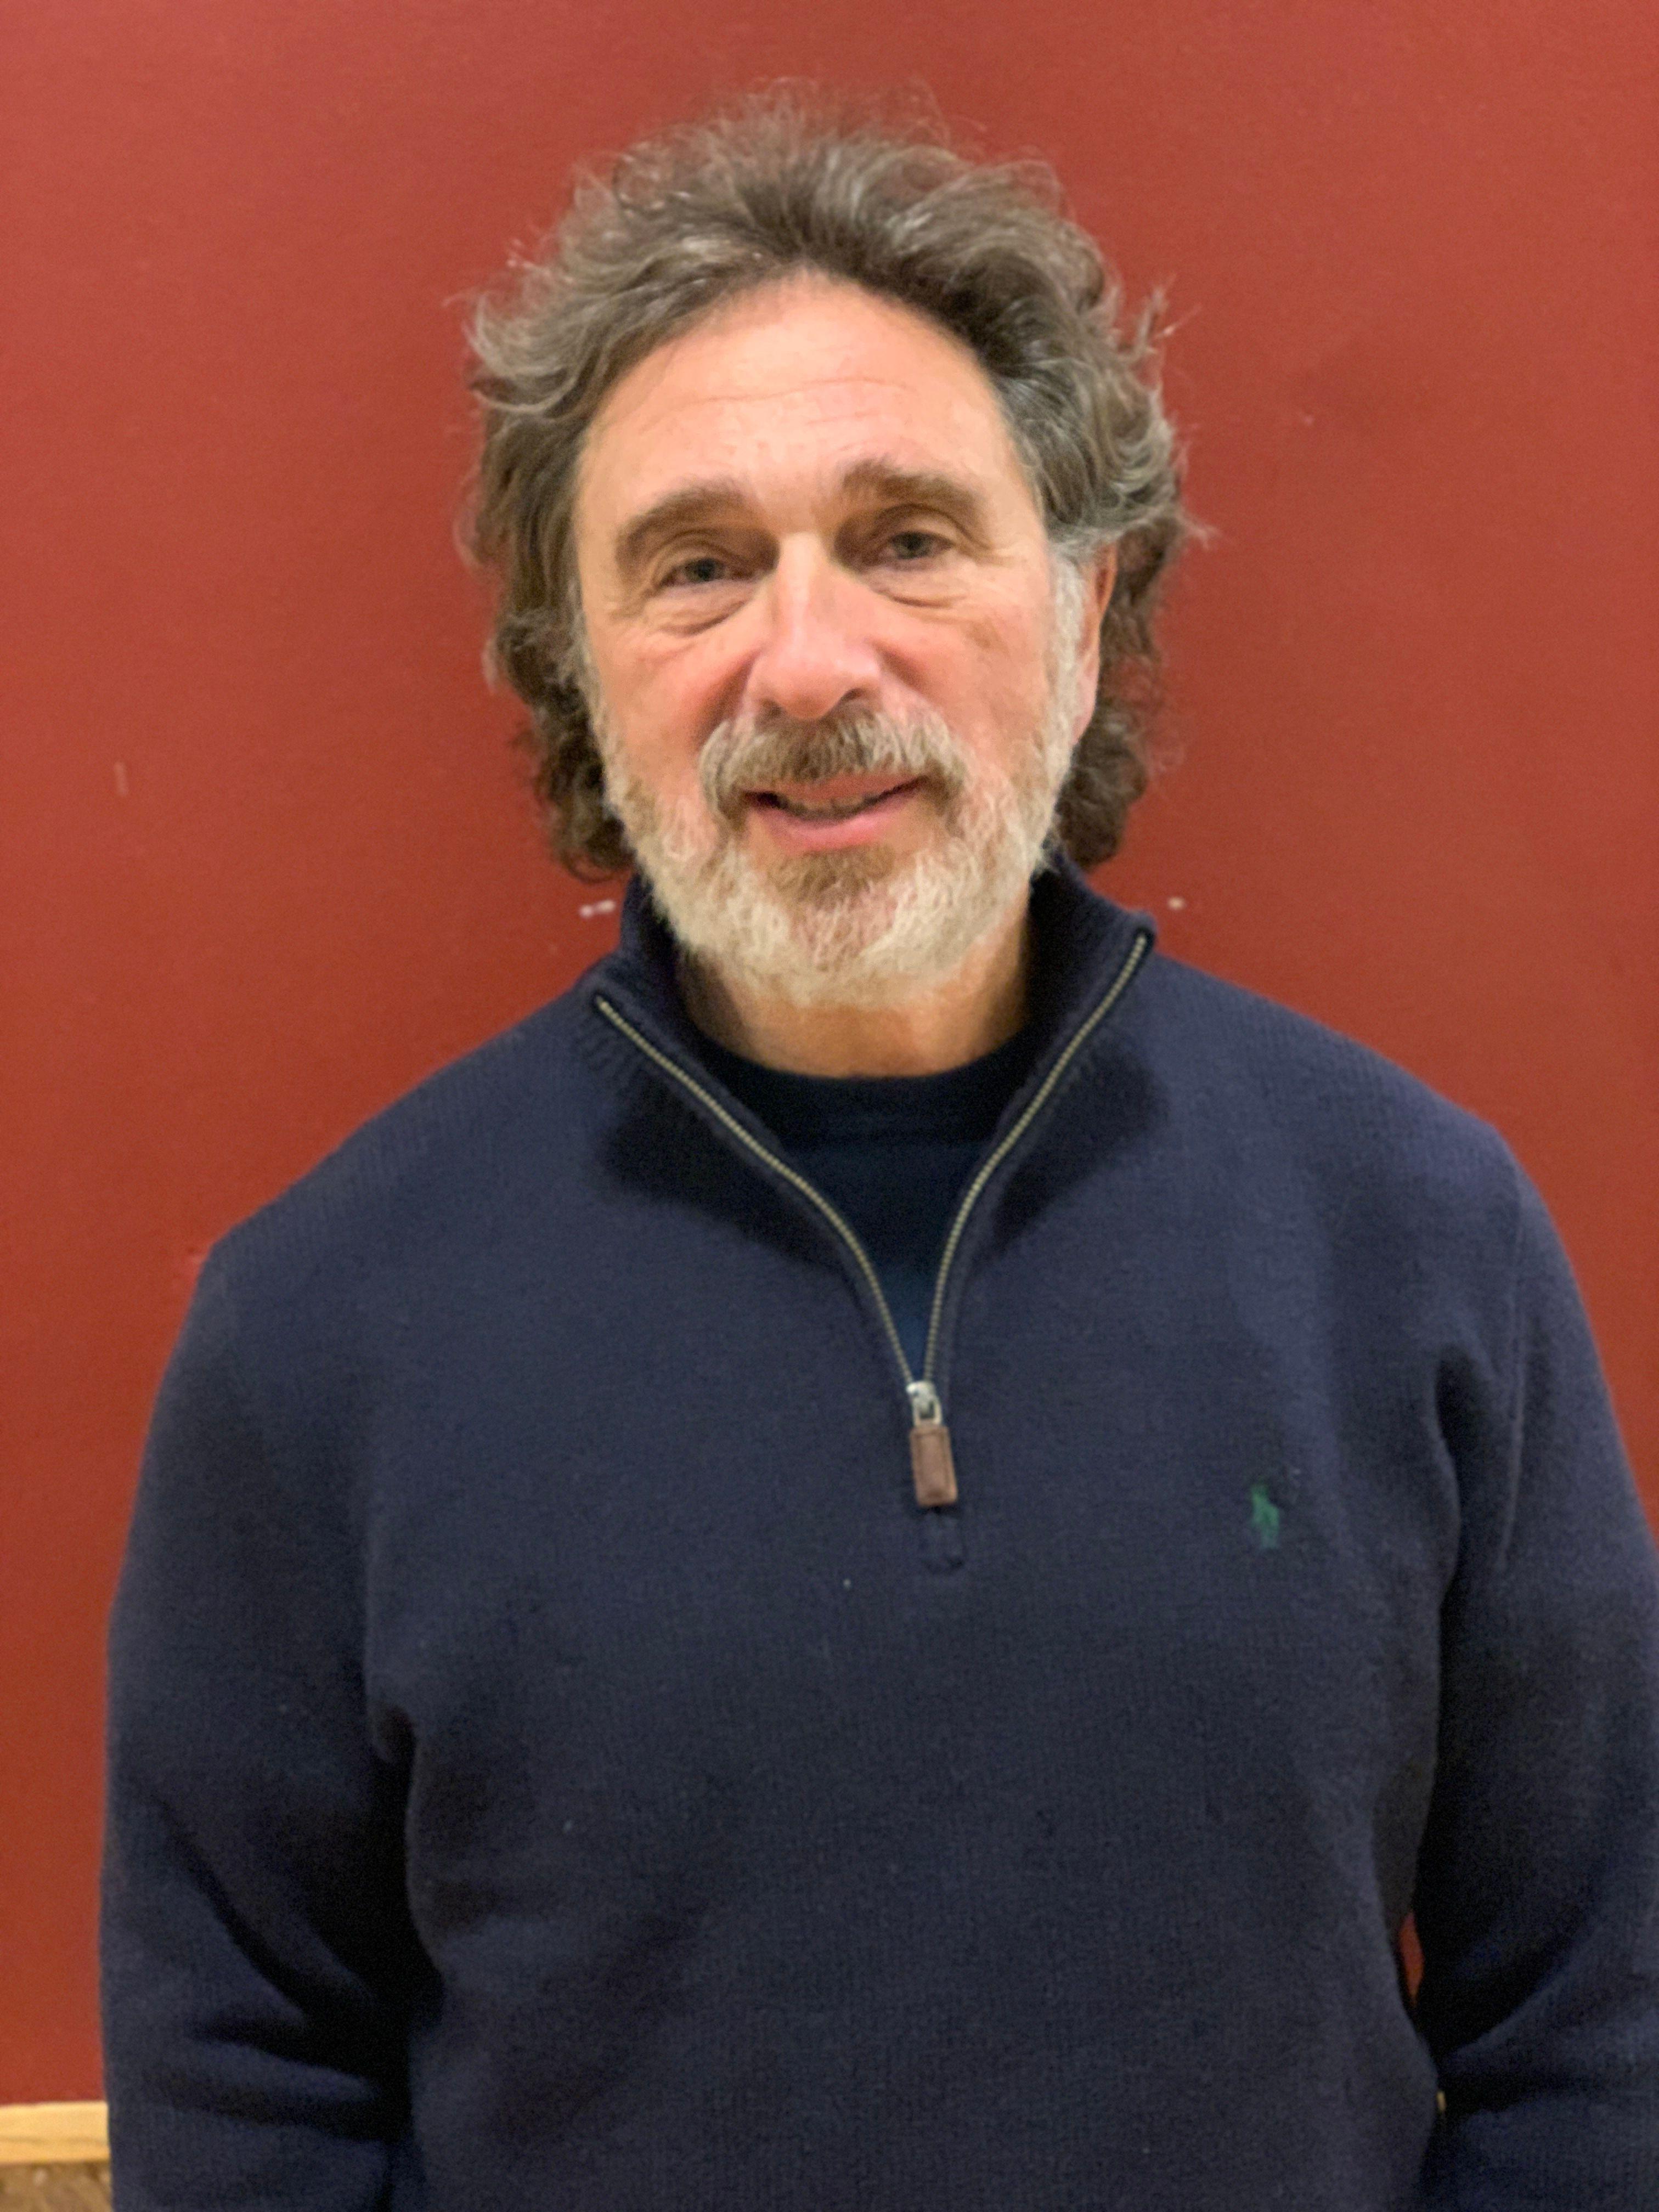 Hector Mislavsky, Co-Vice Chair